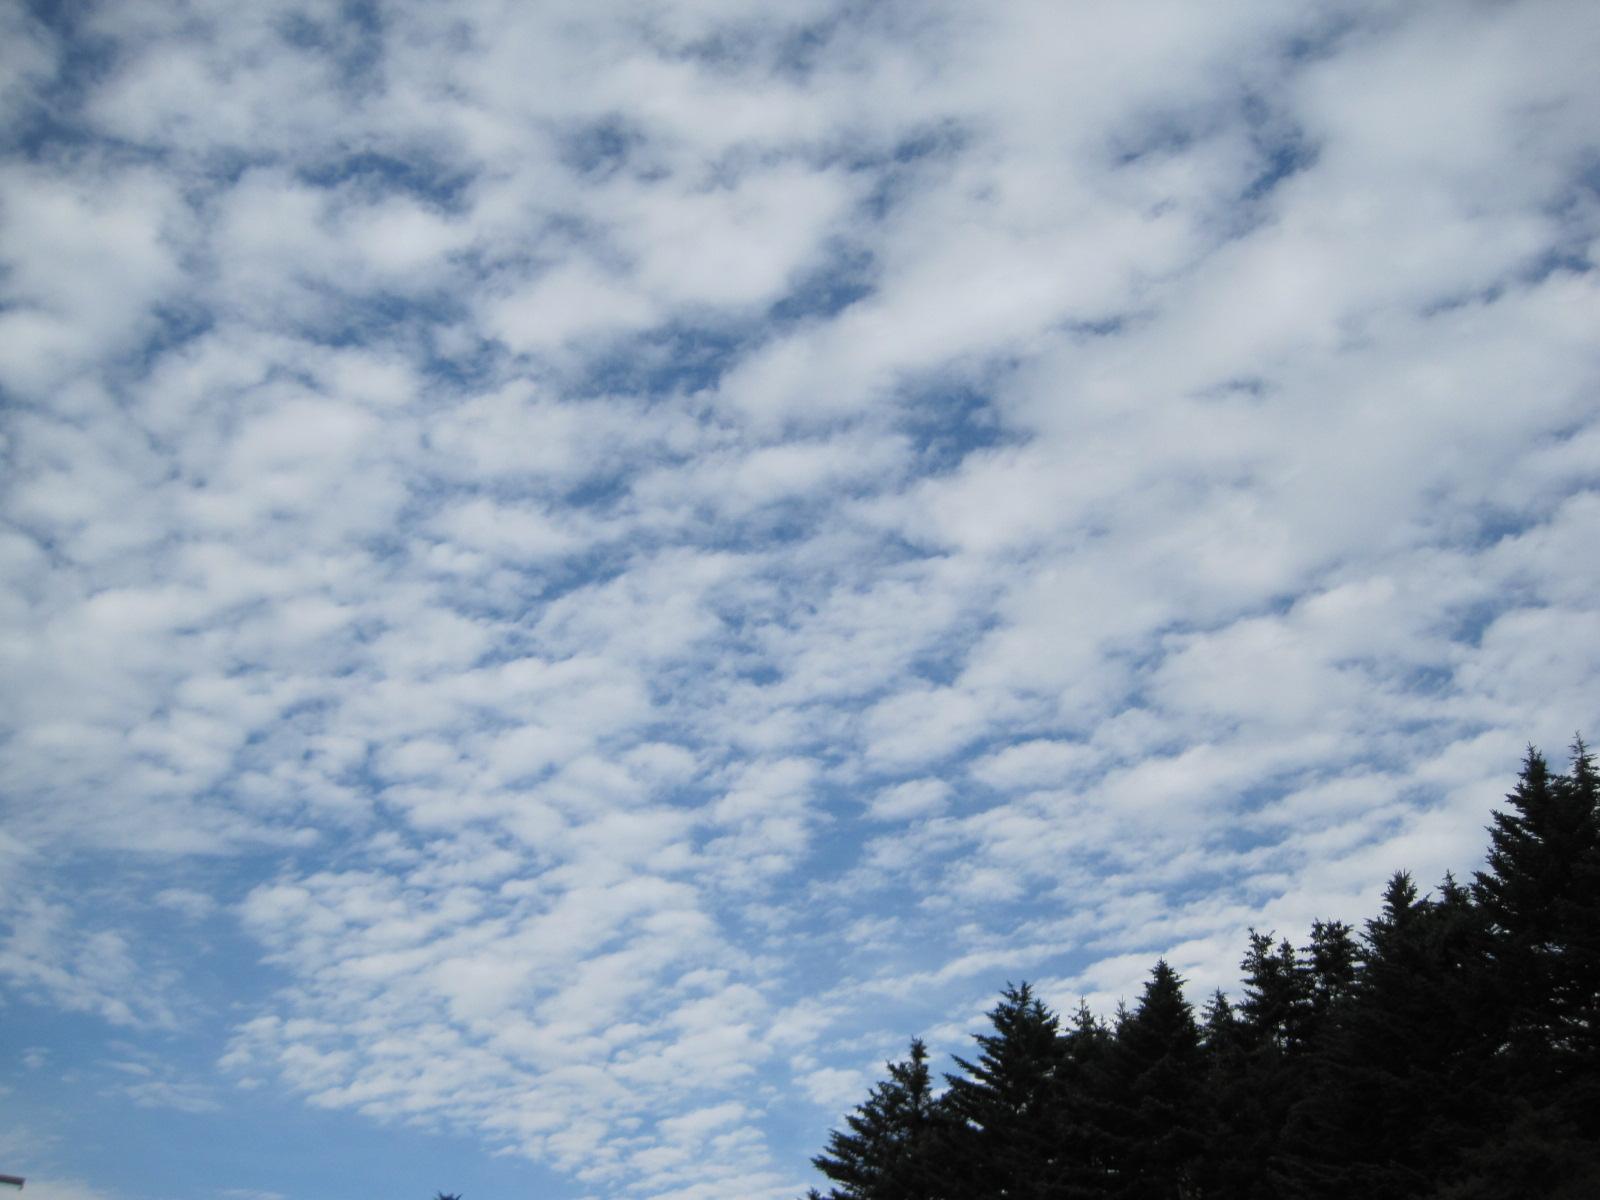 秋の空の下で_f0236260_18364182.jpg